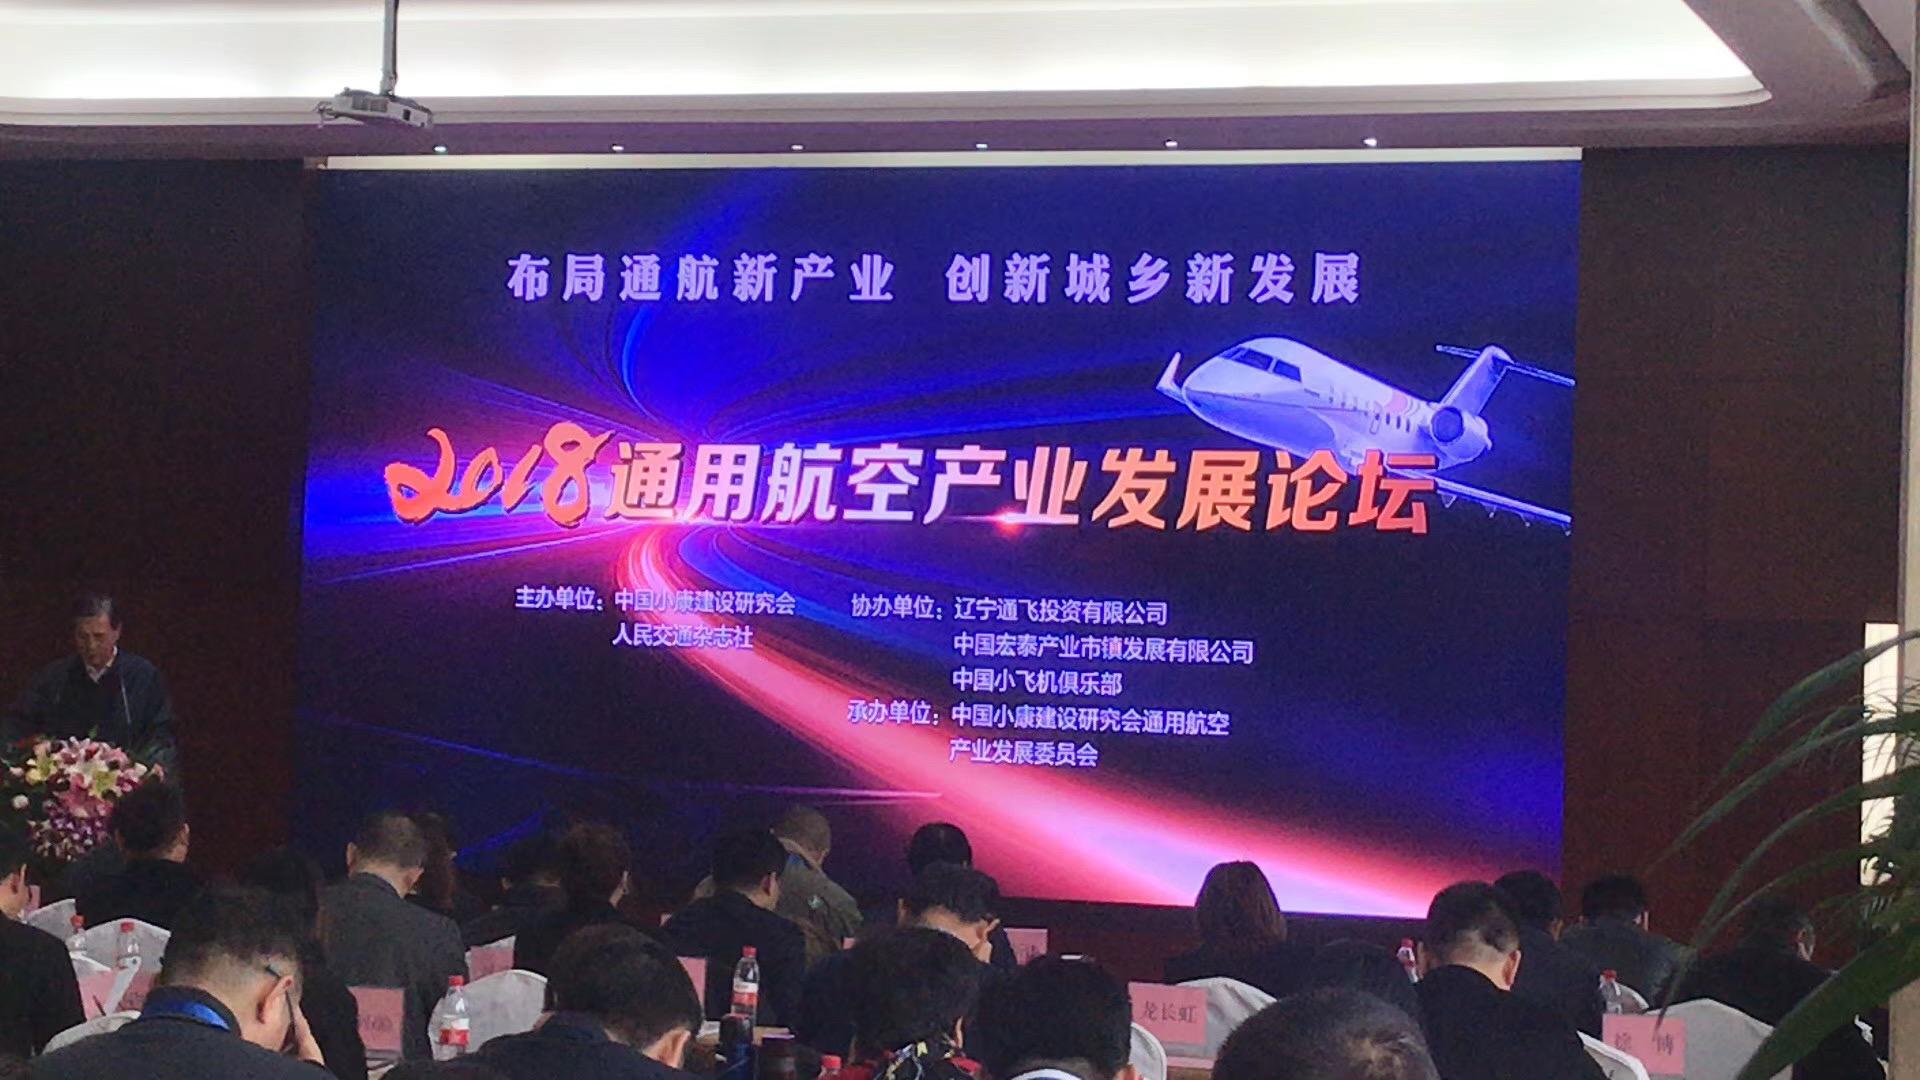 2020第二届中国通用航空产业发展高峰论坛即将开幕